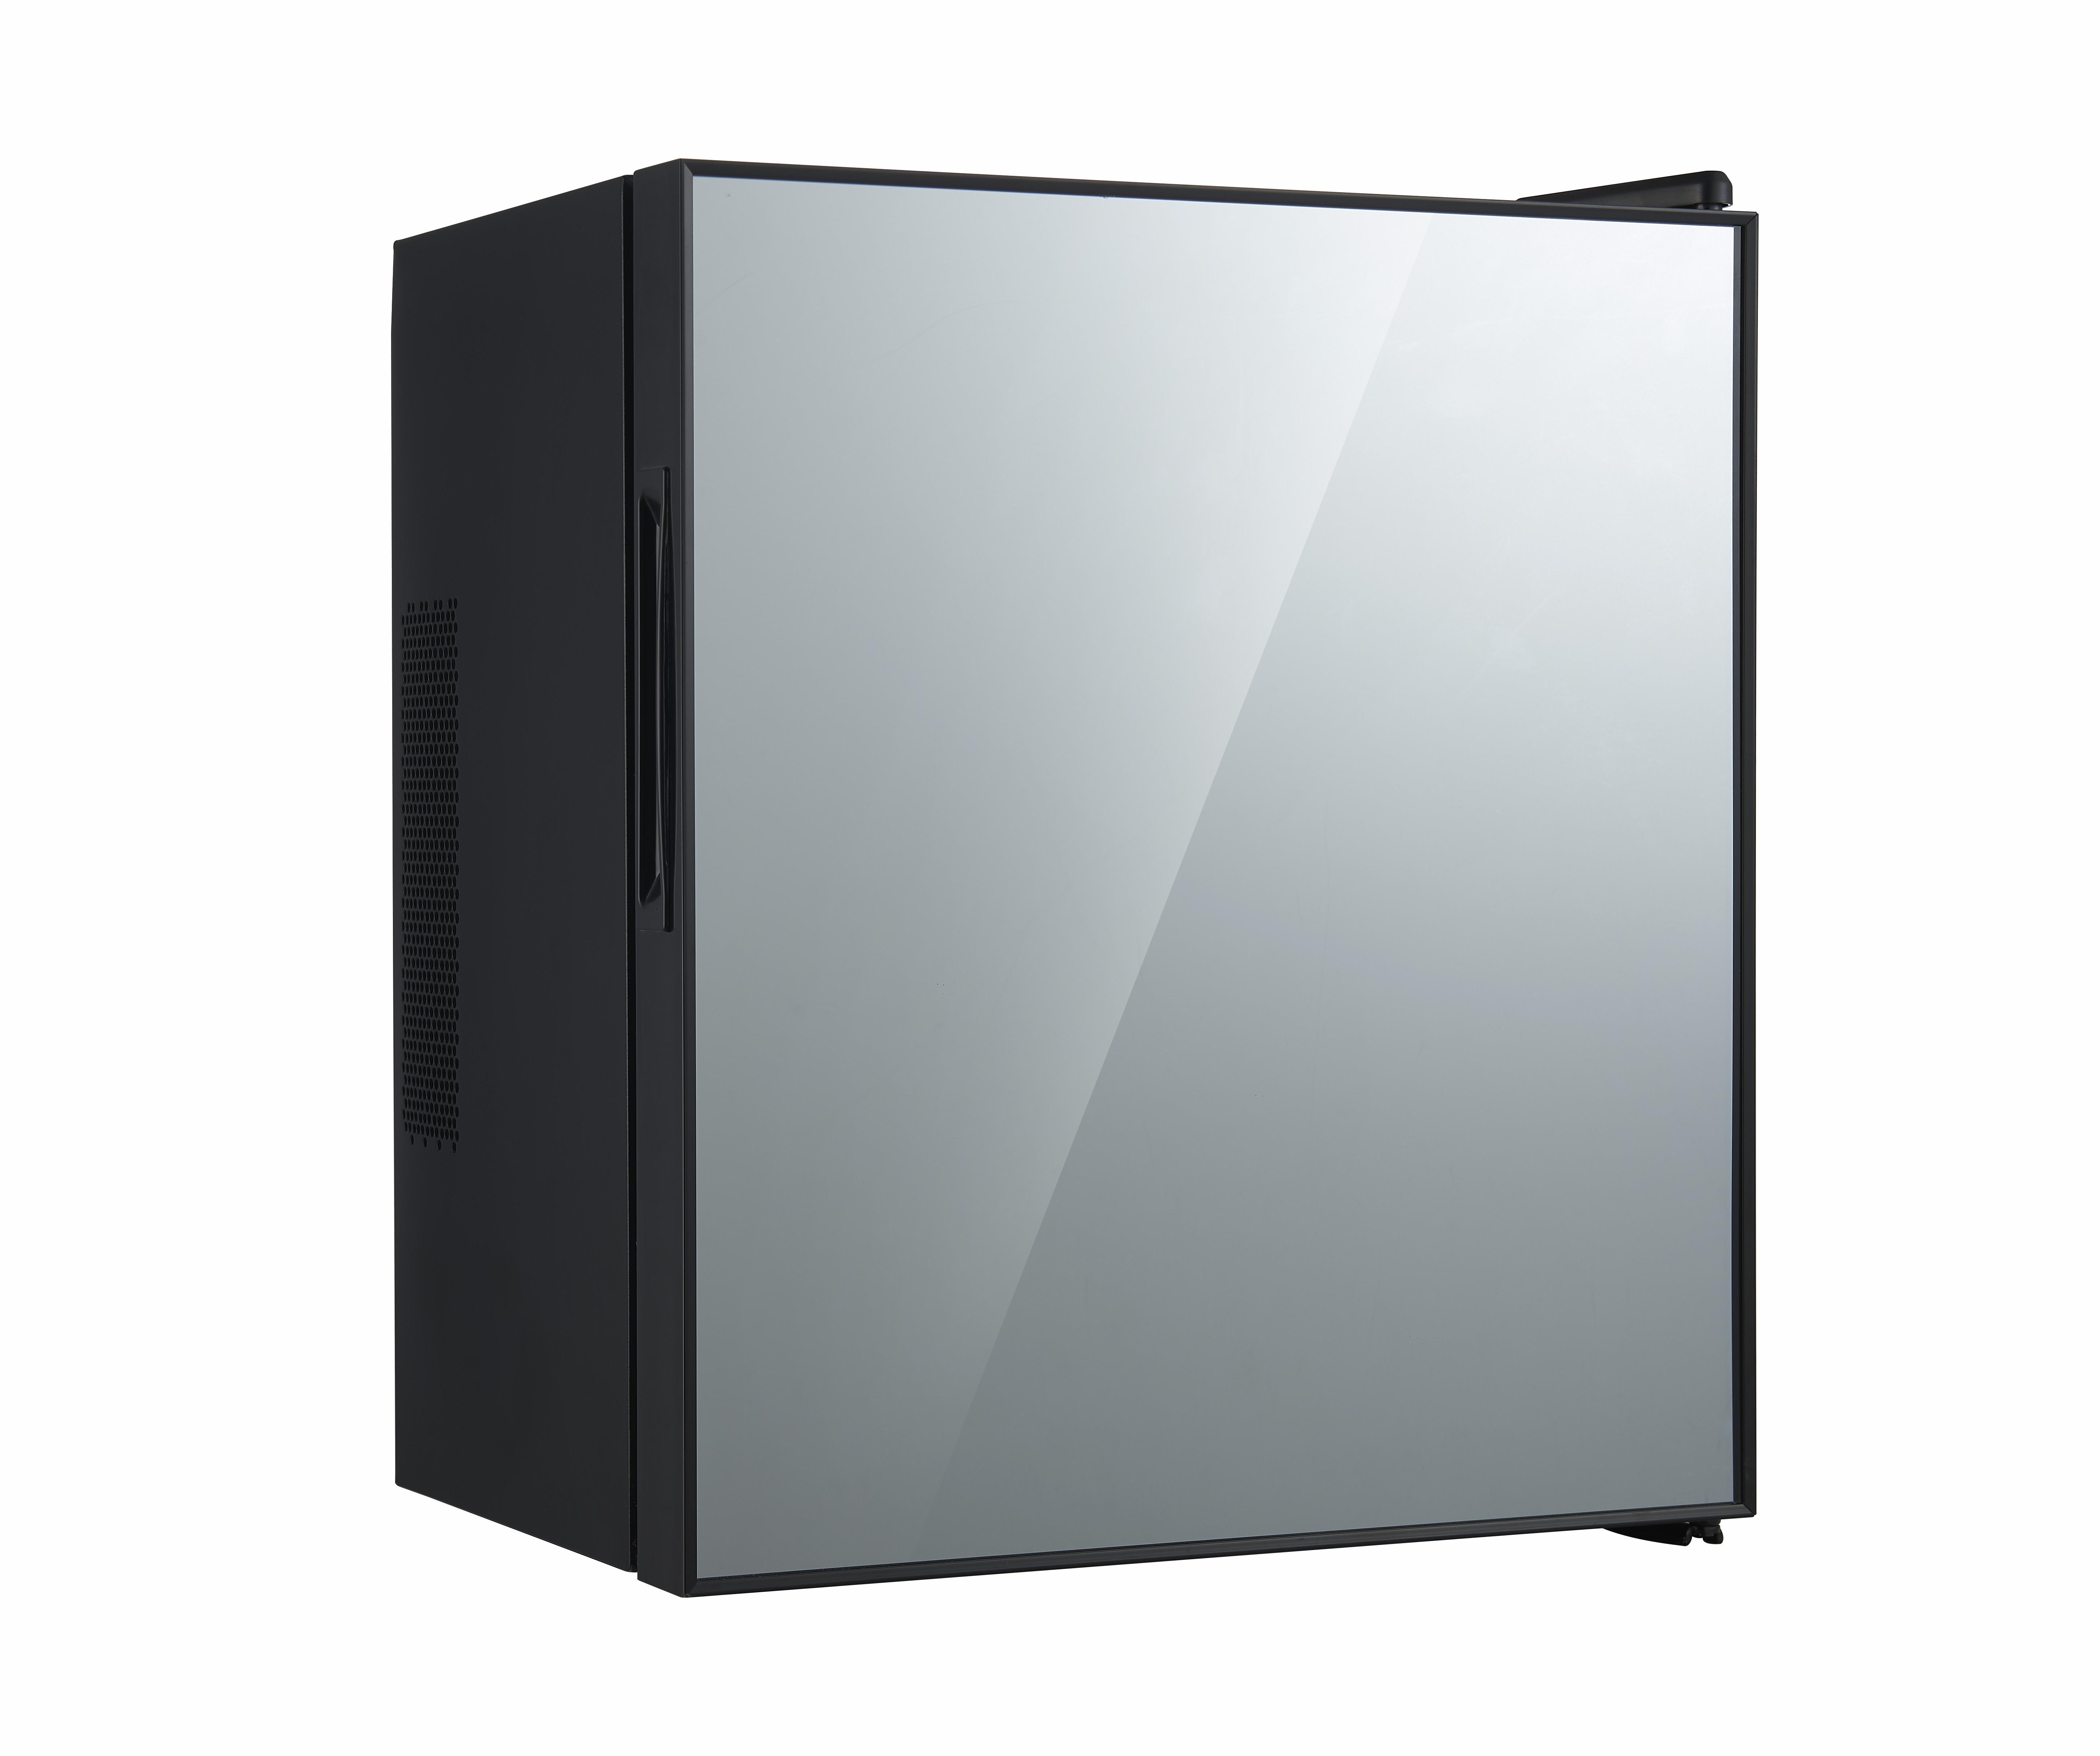 美妆镜柜(化妆品柜)